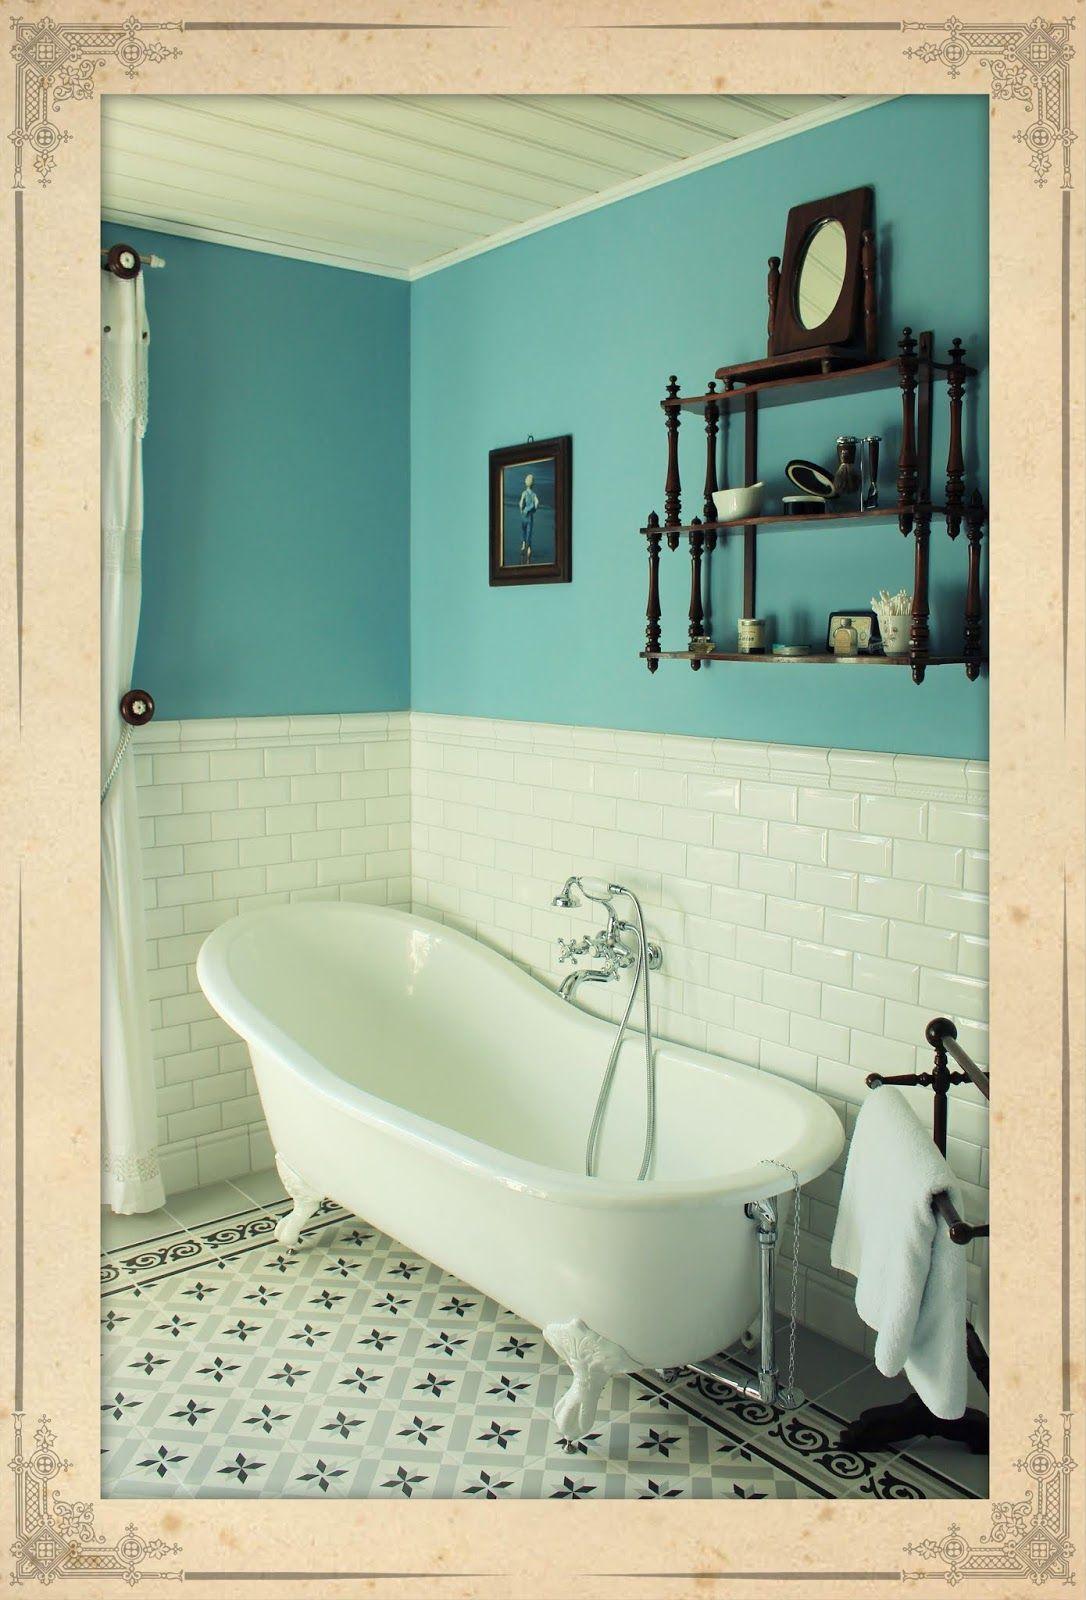 Jugendstil Badezimmer Mit Fliesen Von Vives 1900 Badezimmer Jugendstil Badezimmer Badezimmer Fliesen